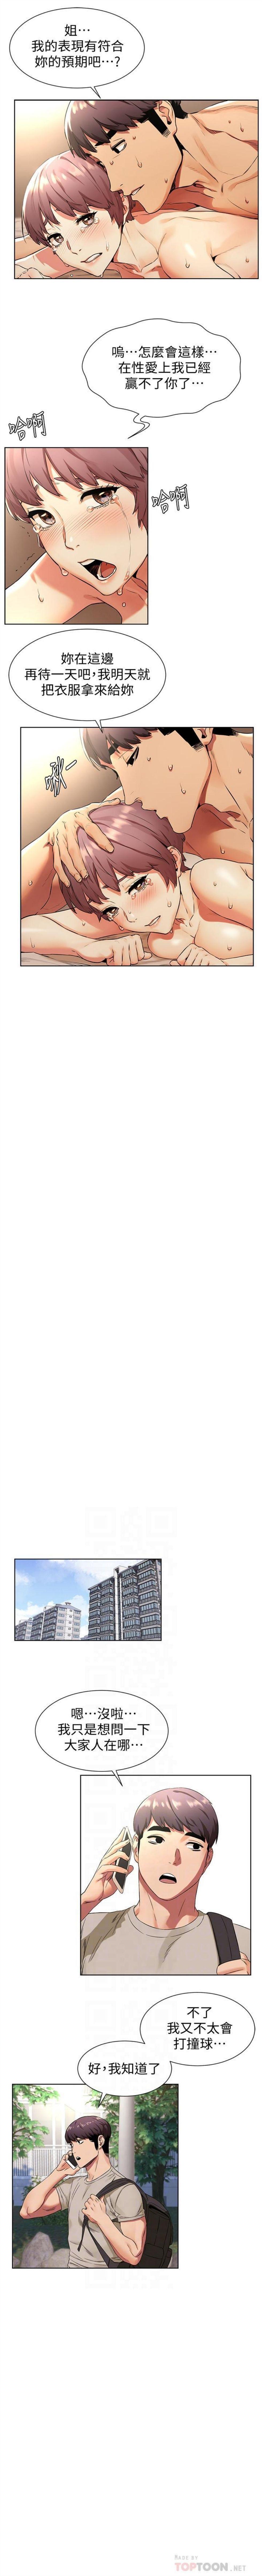 衝突 1-100官方中文(連載中) 539